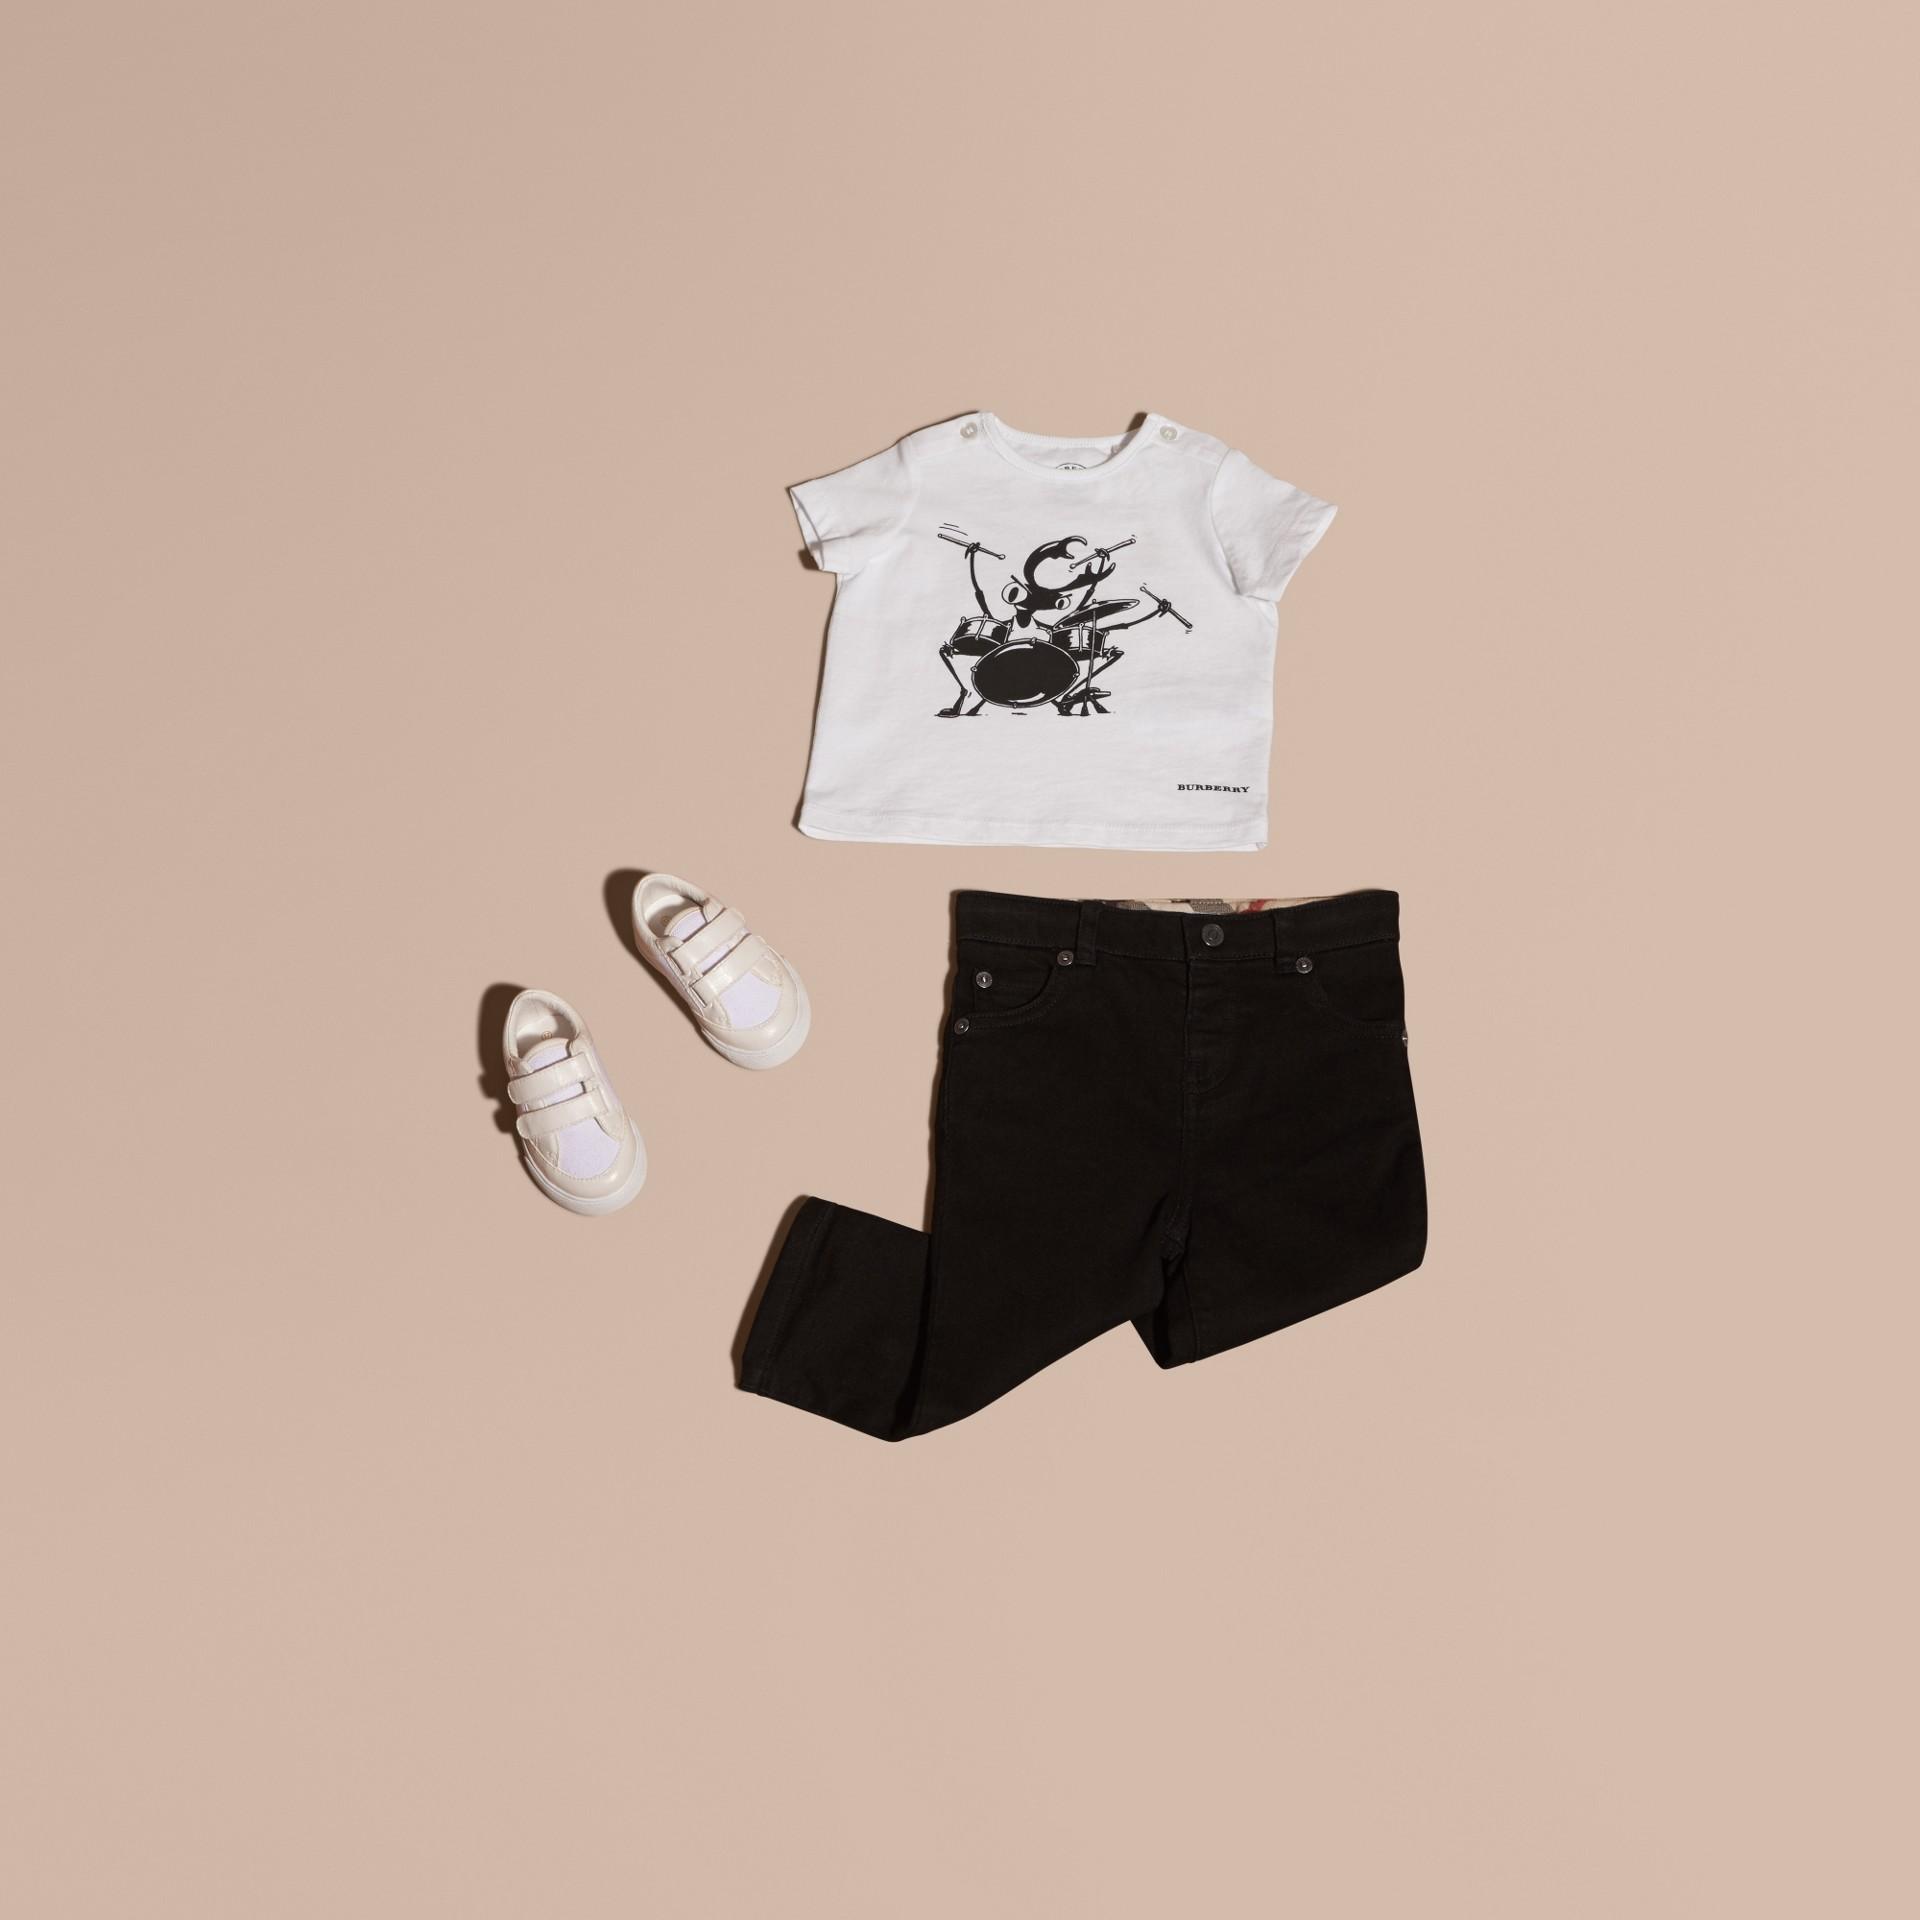 Blanc T-shirt en coton avec motif scarabée - photo de la galerie 5